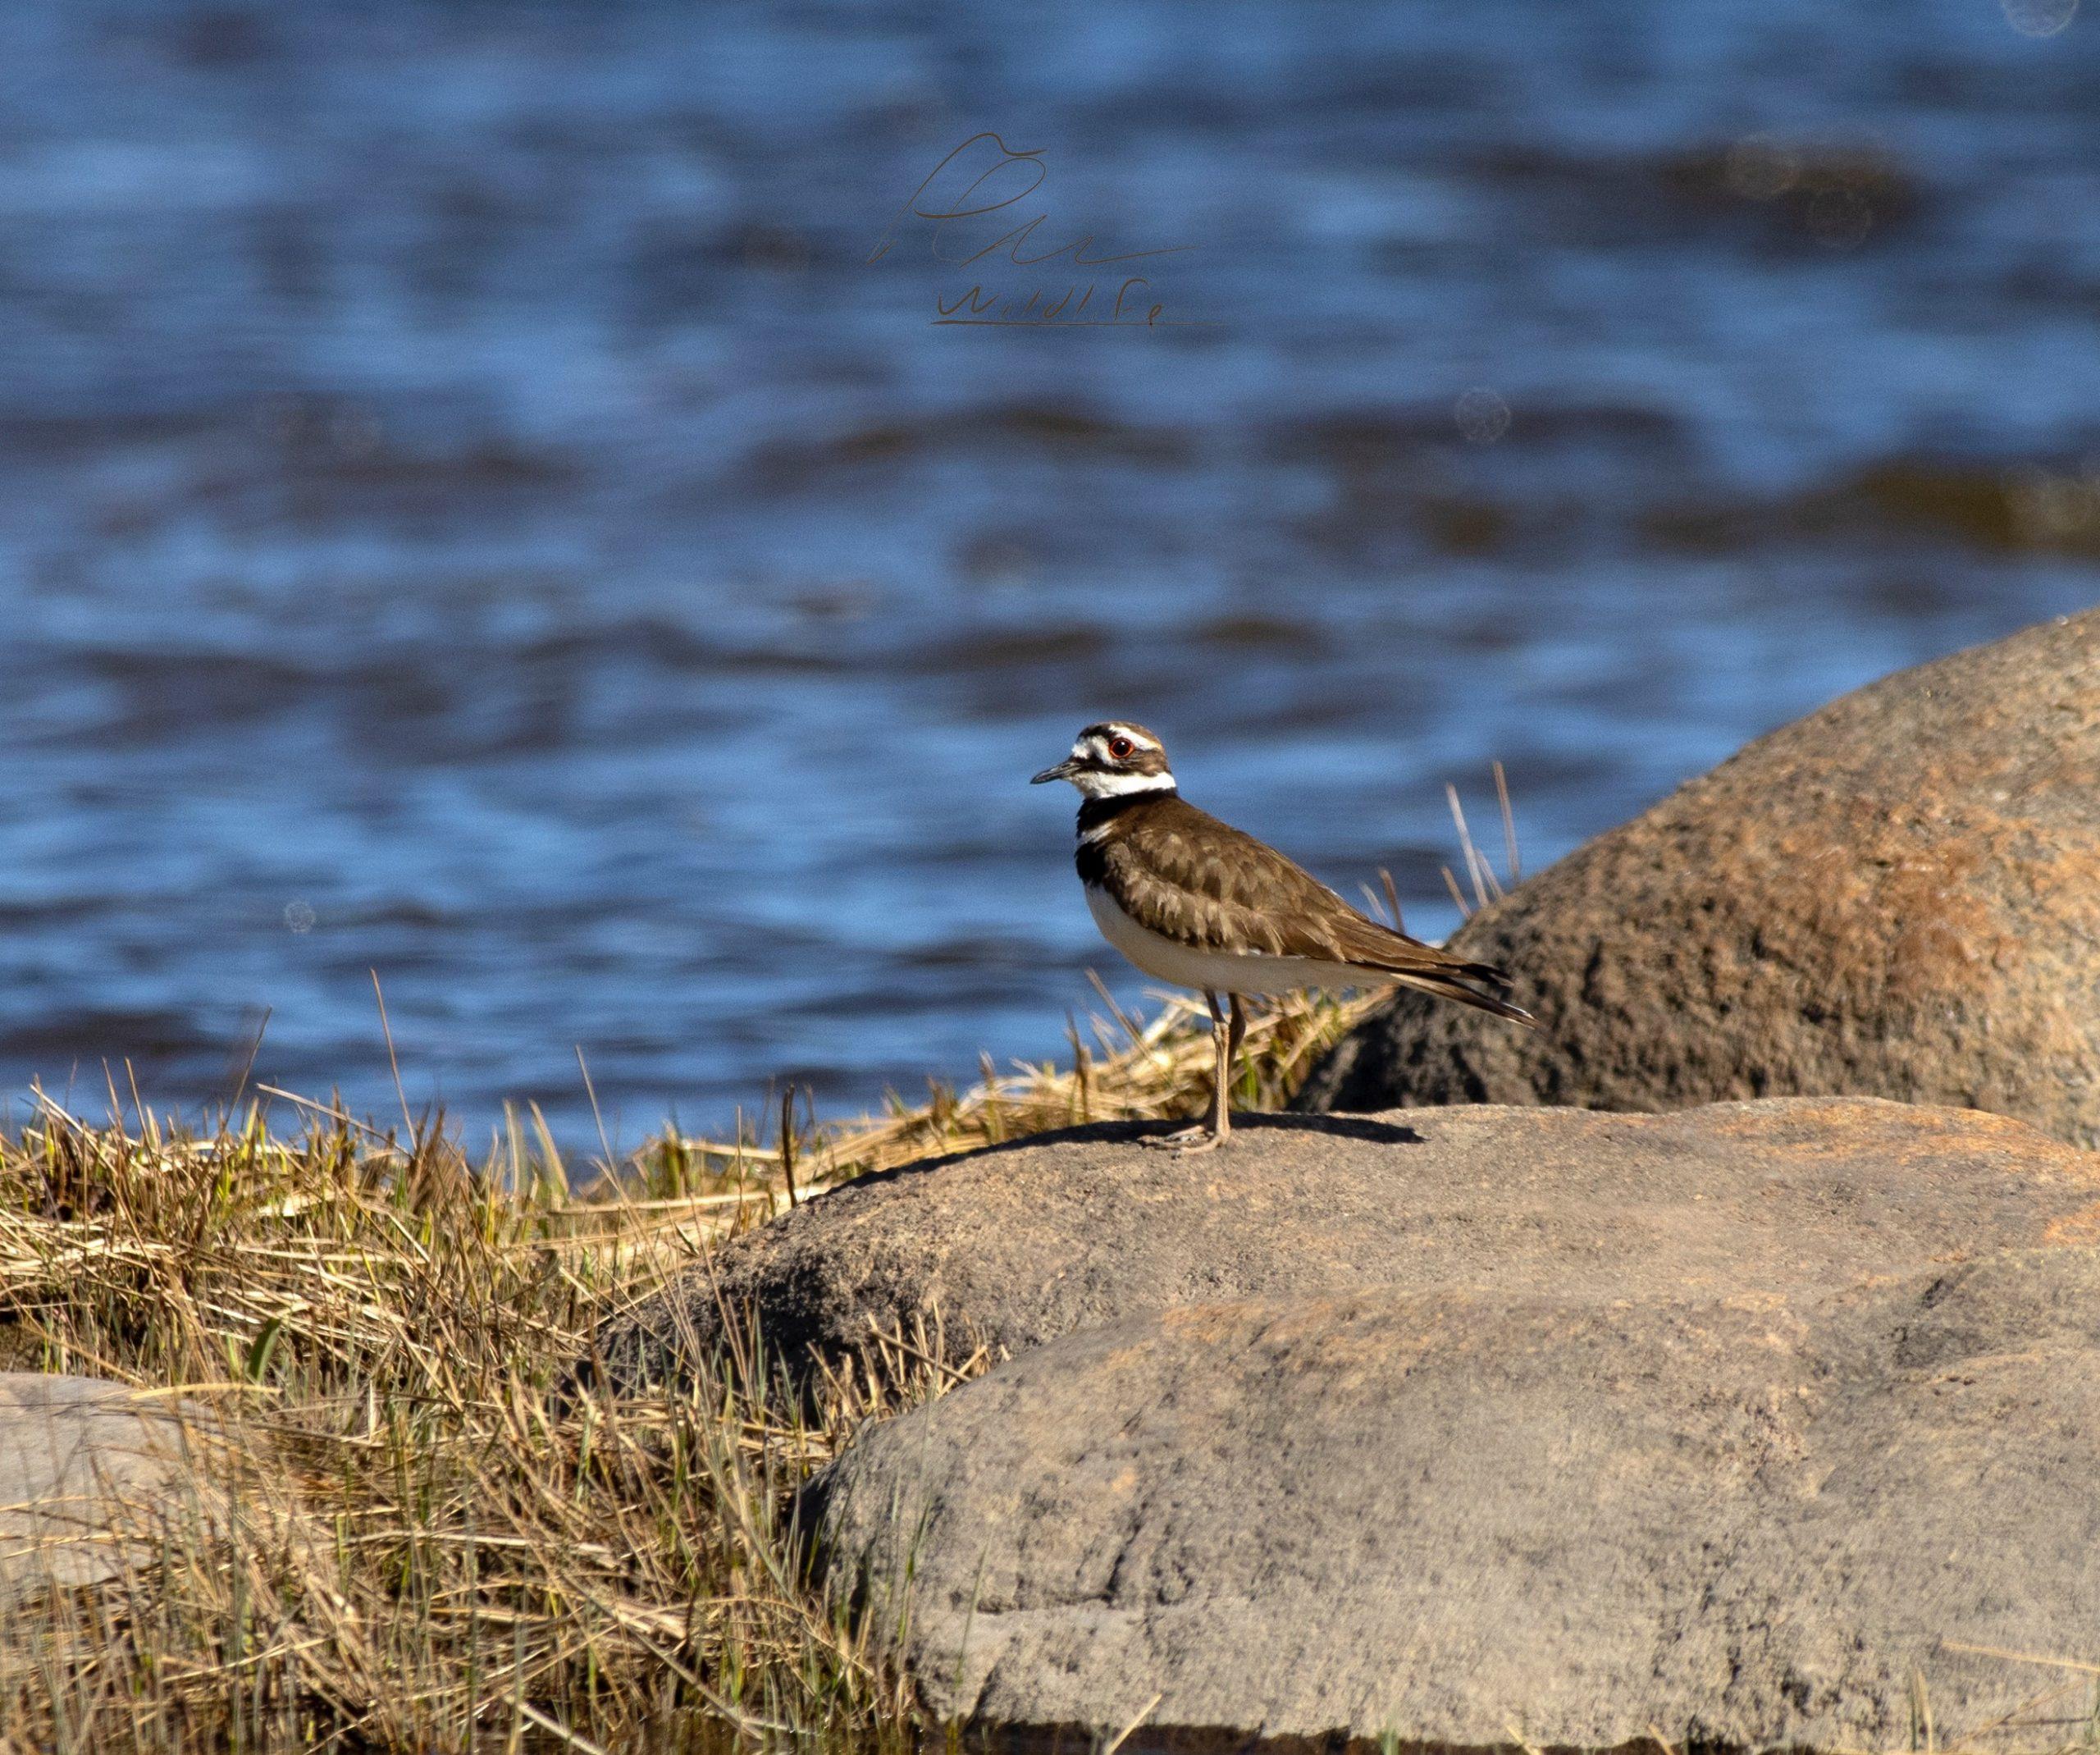 Le pluvier kildir fait partie de la famille des limicoles. On le reconnait à ses deux colliers bruns et à son chant caractéristique qui lui a valu son nom.